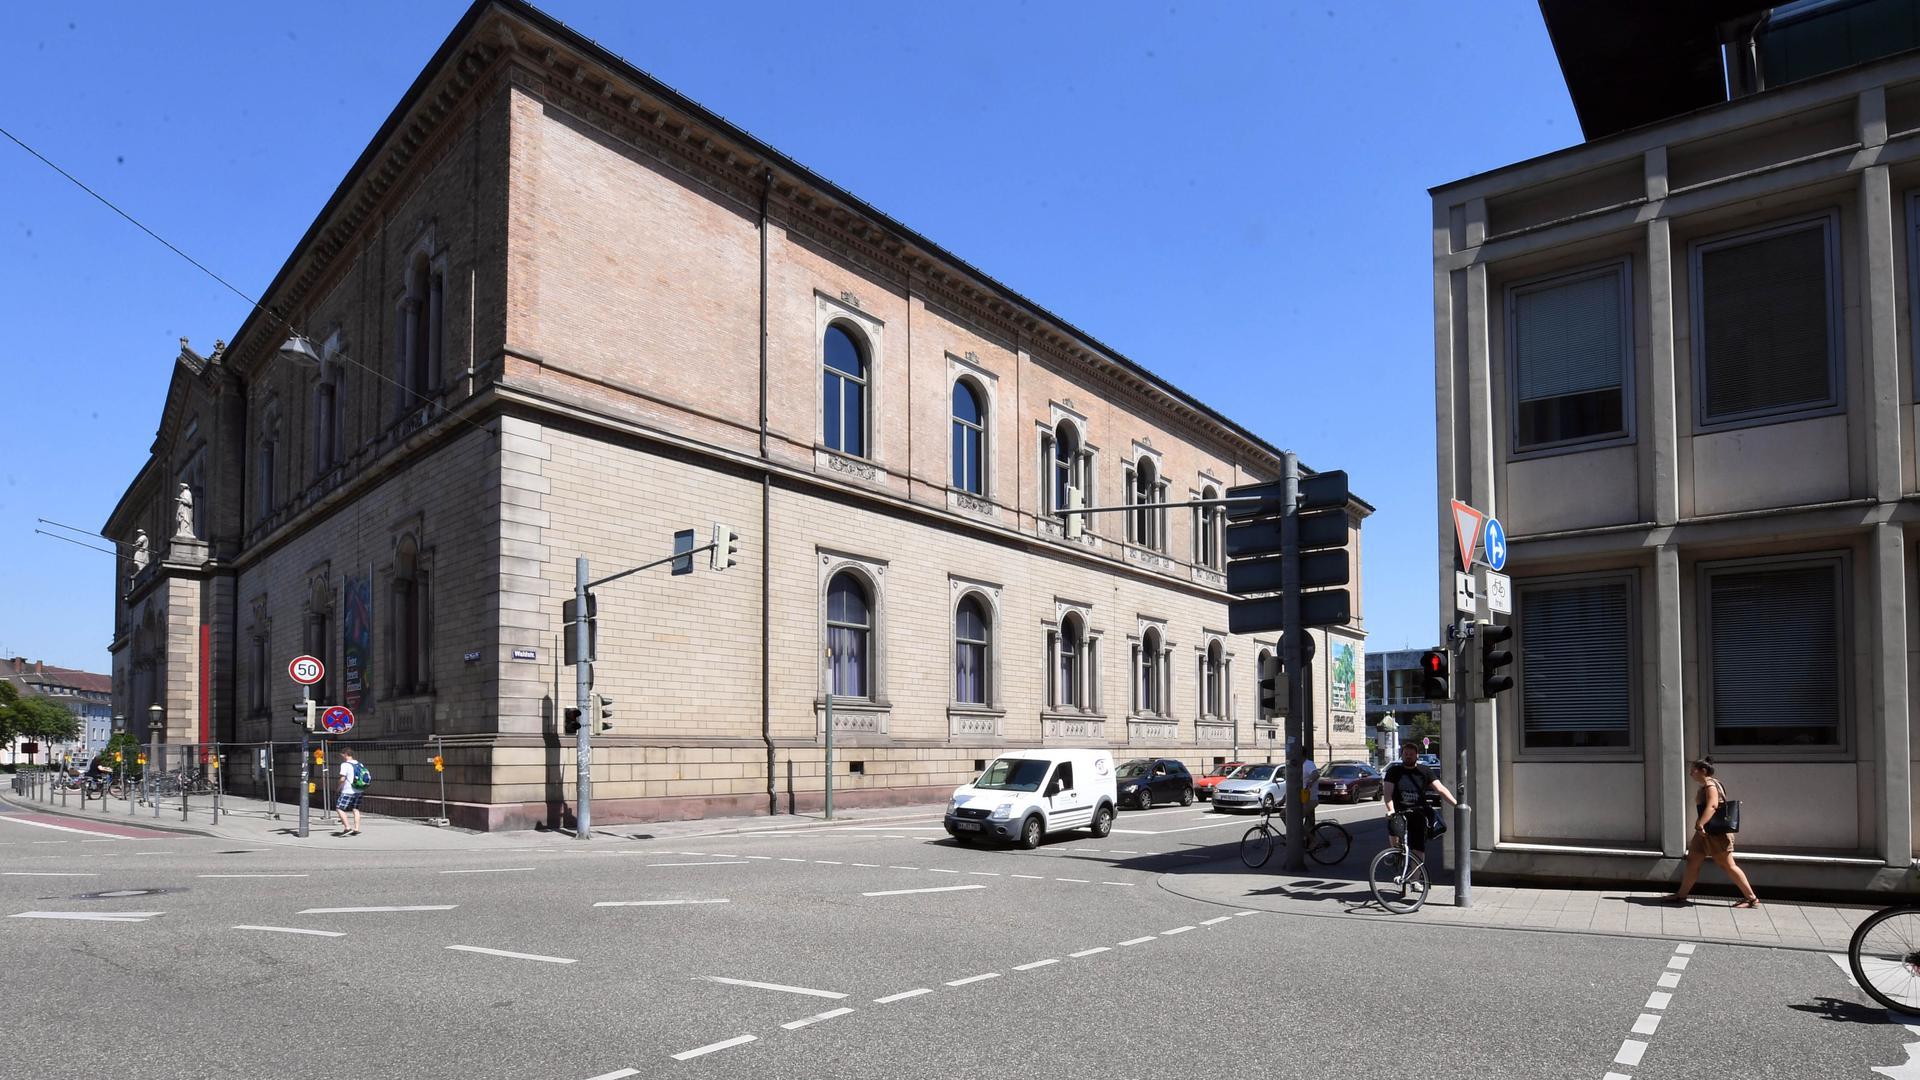 Weiter warten auf die Erweiterung: Links die Kunsthalle Karlsruhe, rechts das Amtsgericht, das Platz machen soll für einen Erweiterungsbau des Museums. Frühestens 2028 könne dort mit Bauarbeiten begonnen werden, erklärt das Ministerium für Wissenschaft, Forschung und Kunst (MWK) in Stuttgart. Foto: ARTIS-Uli Deck und Namensnennung. Es gelten meine AGB.